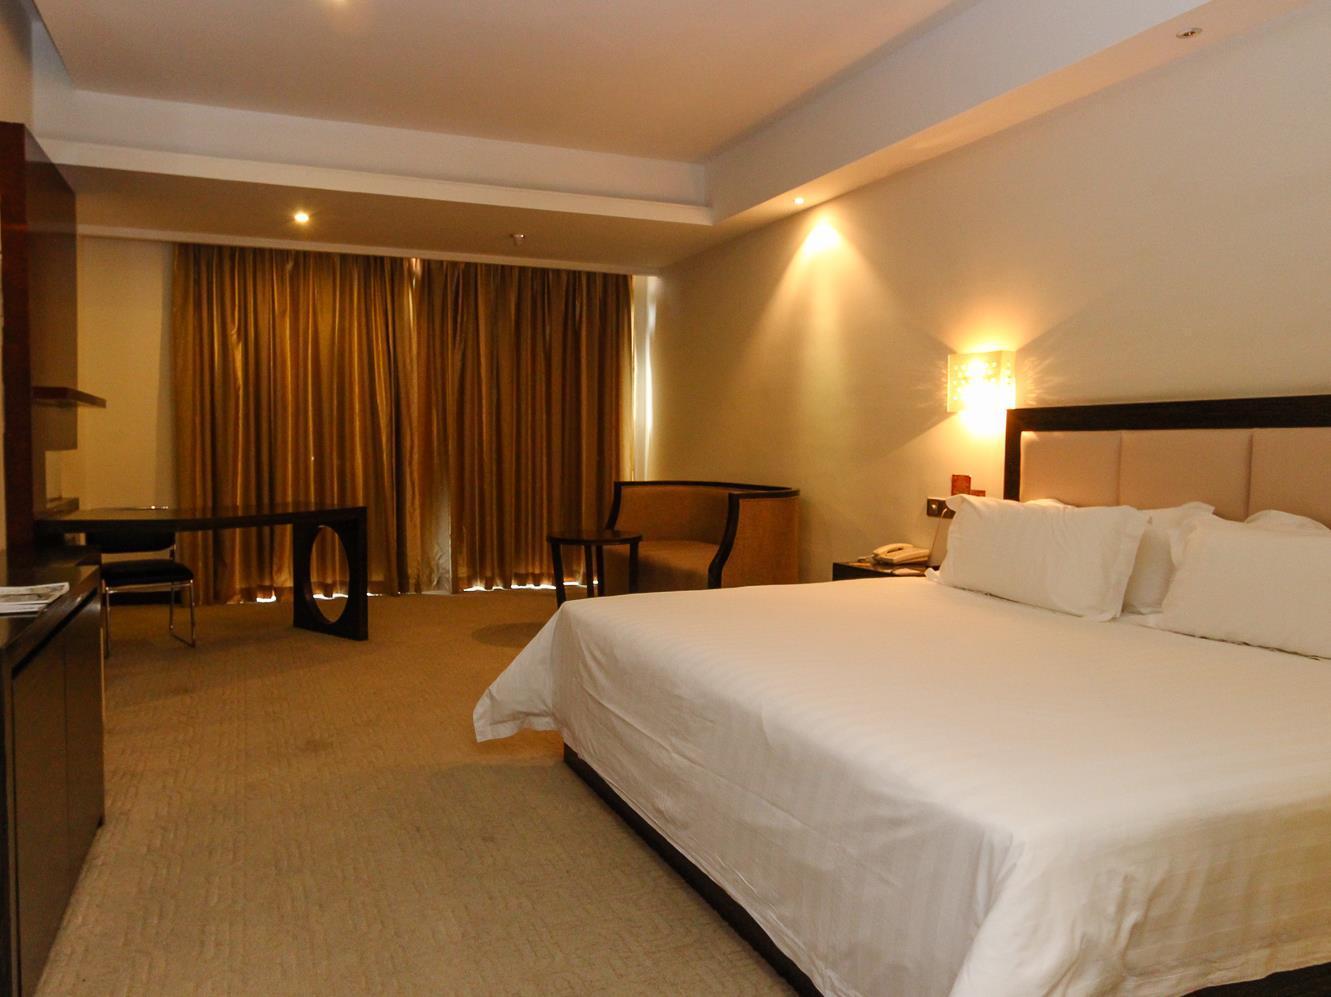 Goldmet Inn Kanton - Hotel Aussenansicht